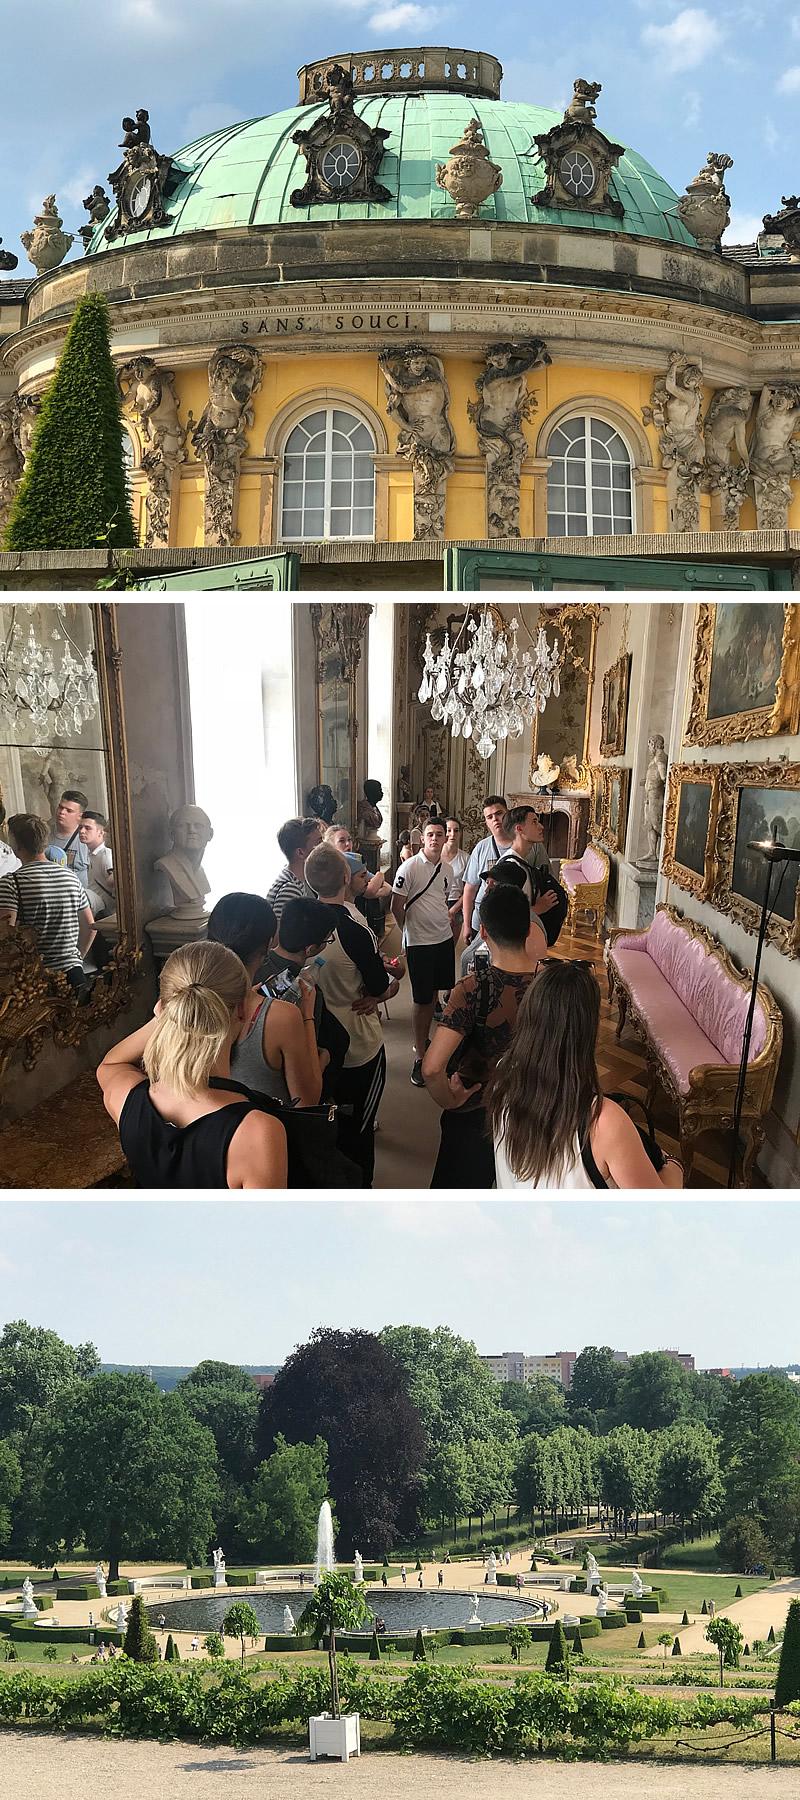 Barocke Pracht in dezenter preußischer Eleganz - das ist Potsdam.